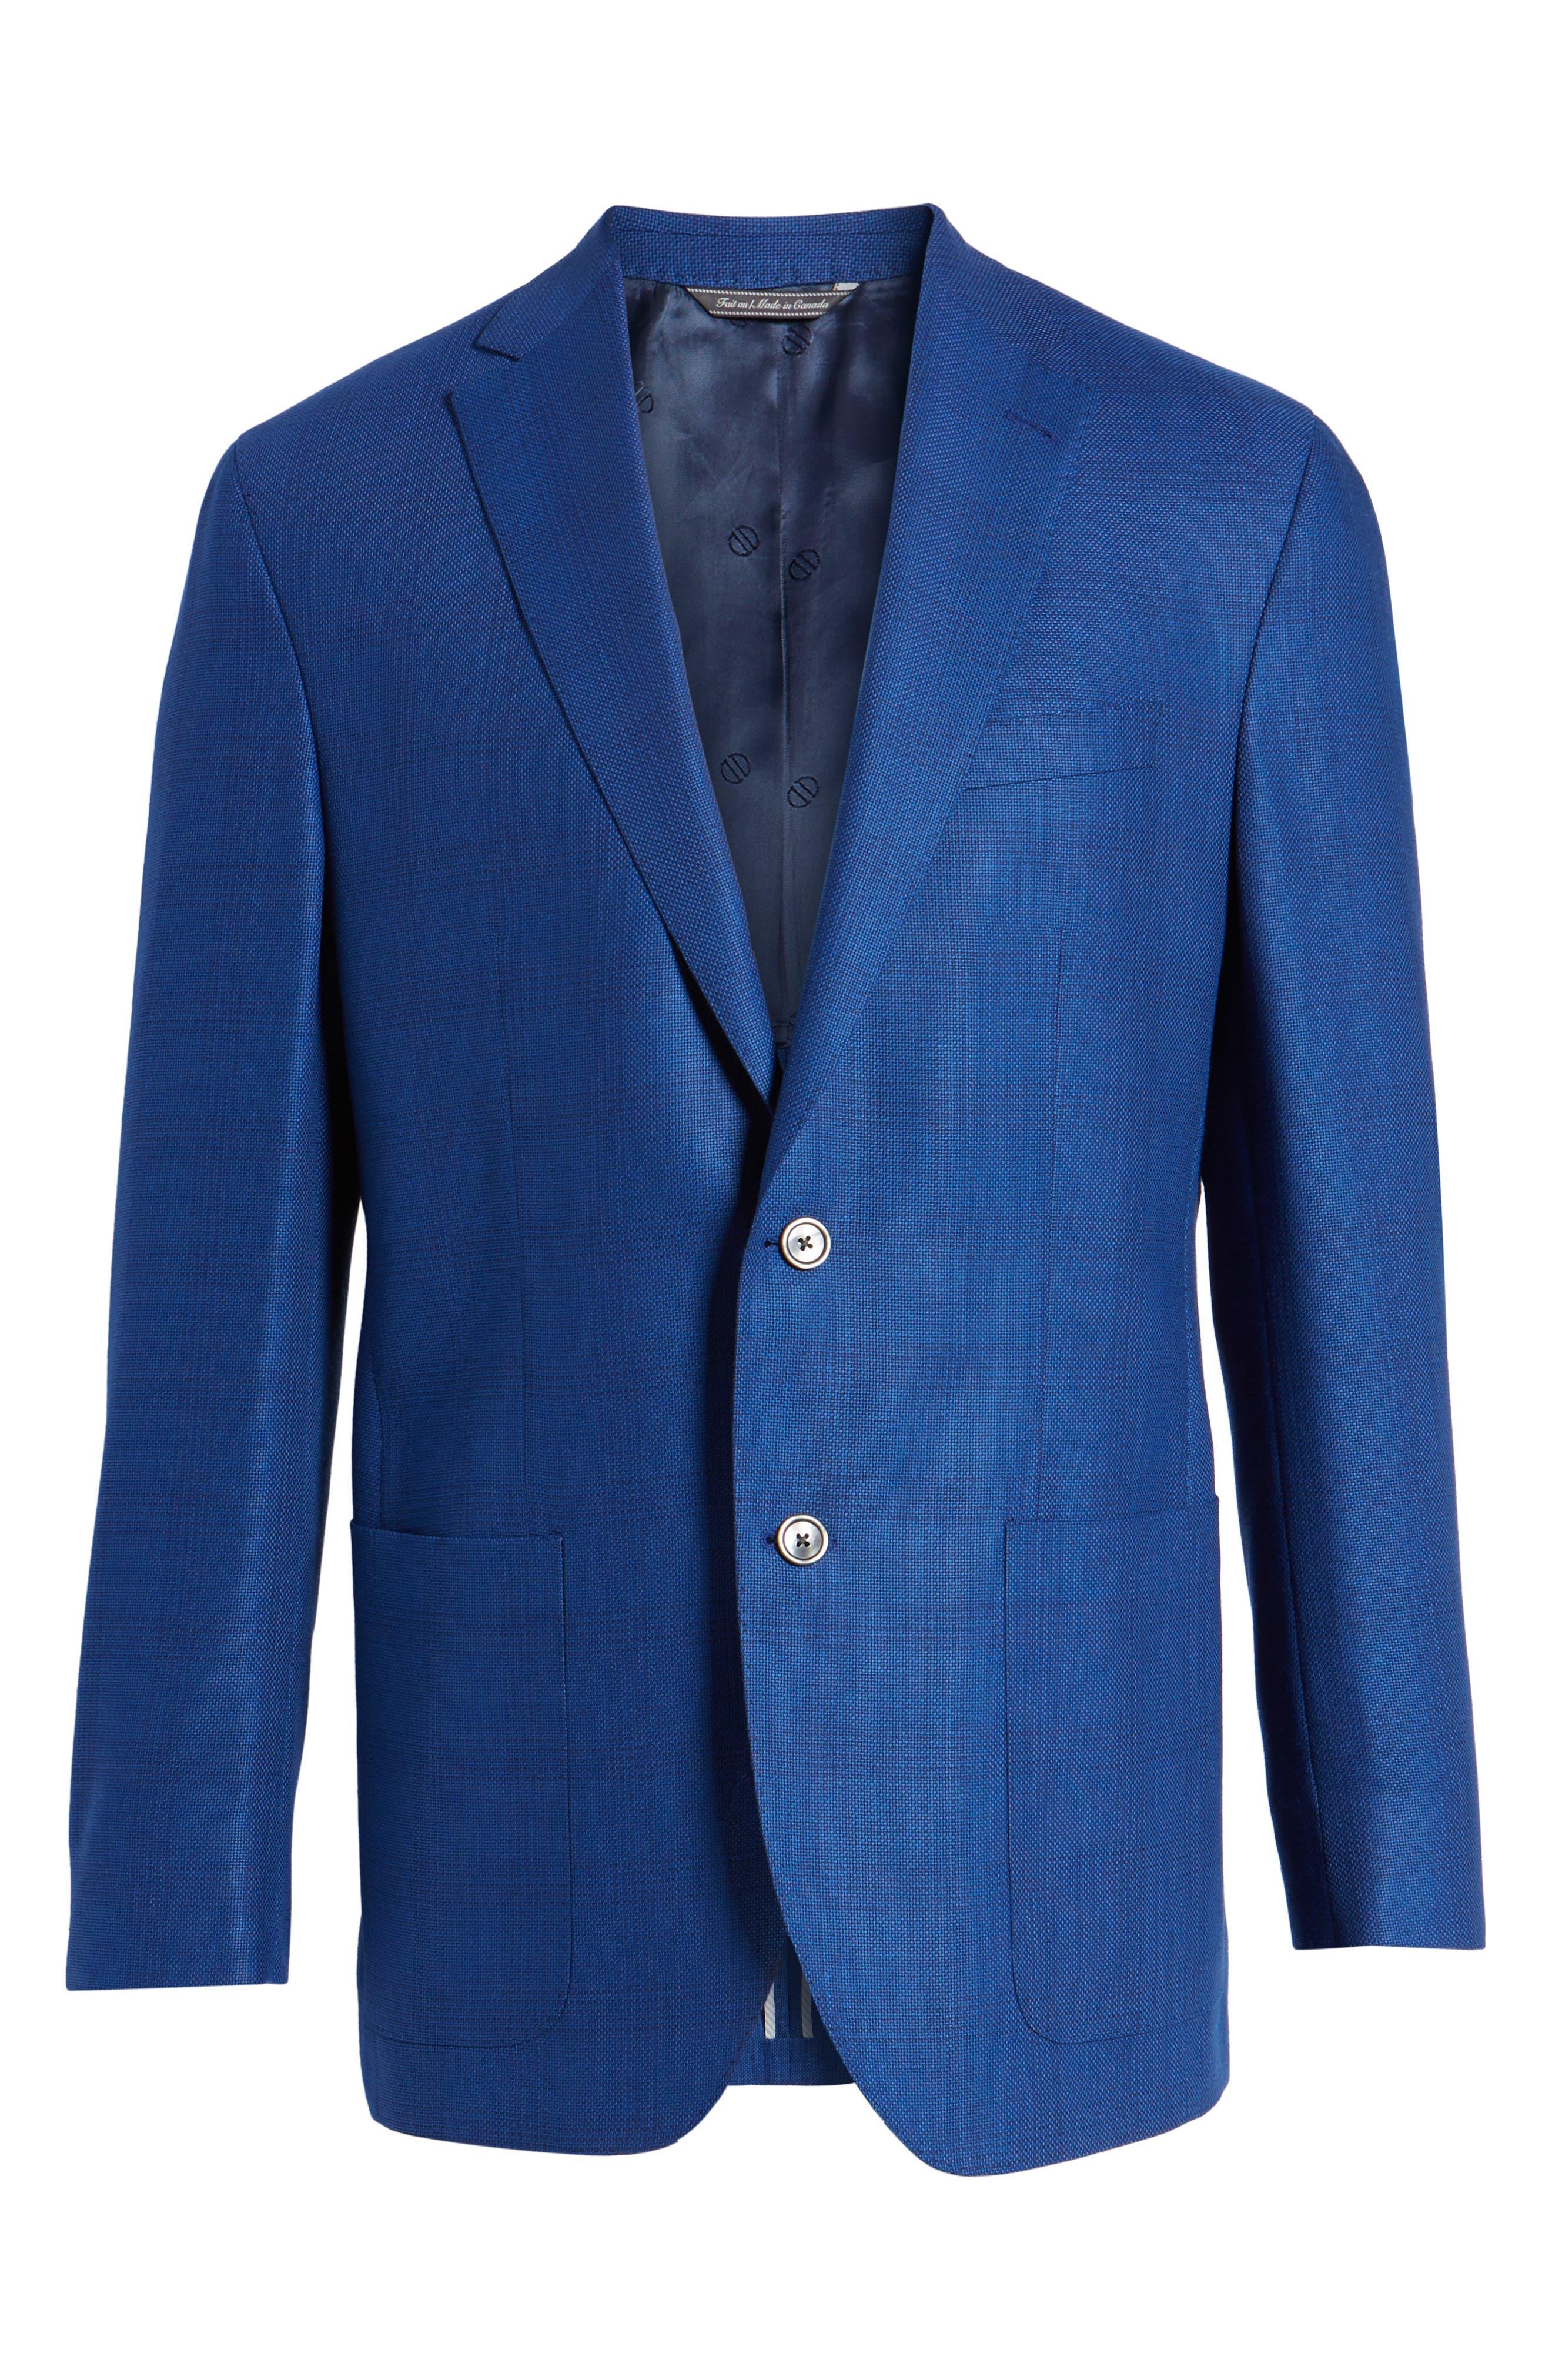 Aiden Classic Fit Sport Coat,                             Alternate thumbnail 5, color,                             420